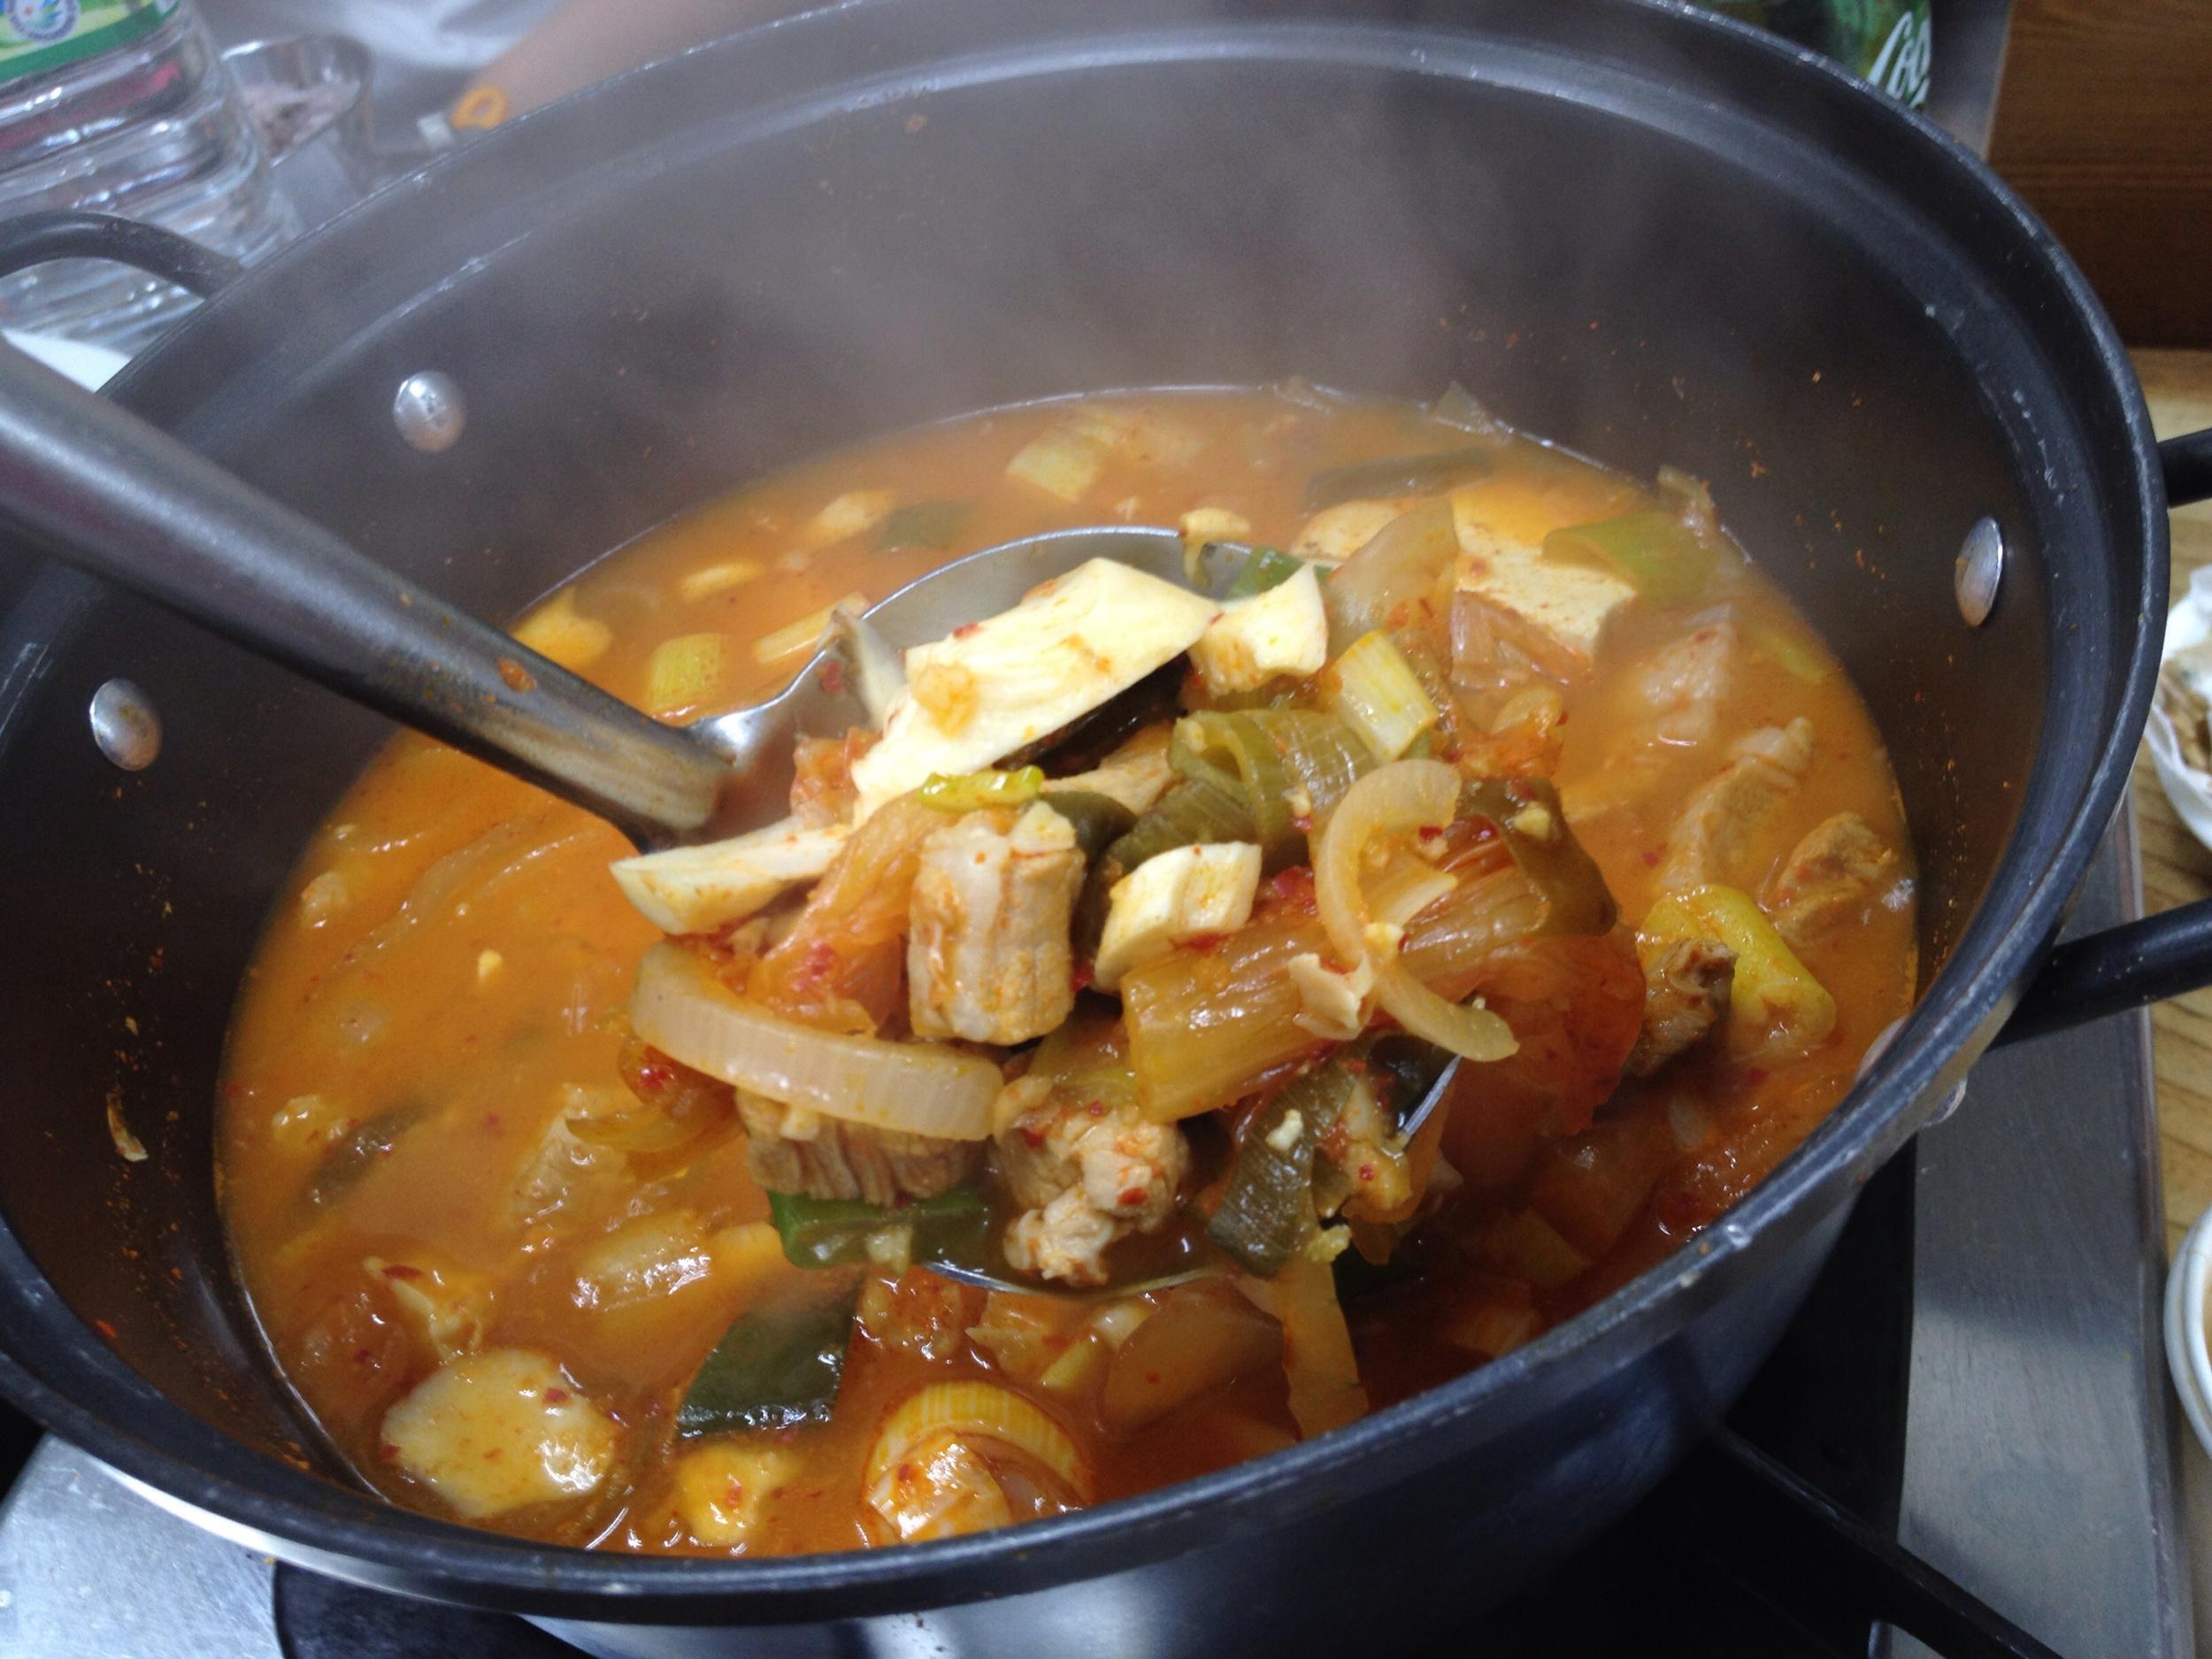 은주정 김치찌개 (EunJooJung Kimchi Jiggae). Hearty portion of chopped up 3-layer pork belly meat, kimchi, tofu, onions and green onions in a broth that is savoury, spicy but not too spicy and has a great flavour to it! At lunch, the kimchi jiggae is the only option on the menu (7000won). If you go after 5pm, you have to get the samgyupsal (3-layer pork bbq) along with the kimchi jiggae (10 000won). You don't even have to order - when you sit down, they will just bring it to you! You can add an order of rice if you would like.